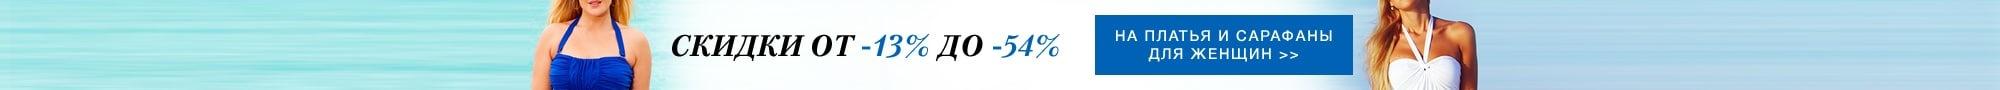 Скидки от -13% до -54% на Женские платья